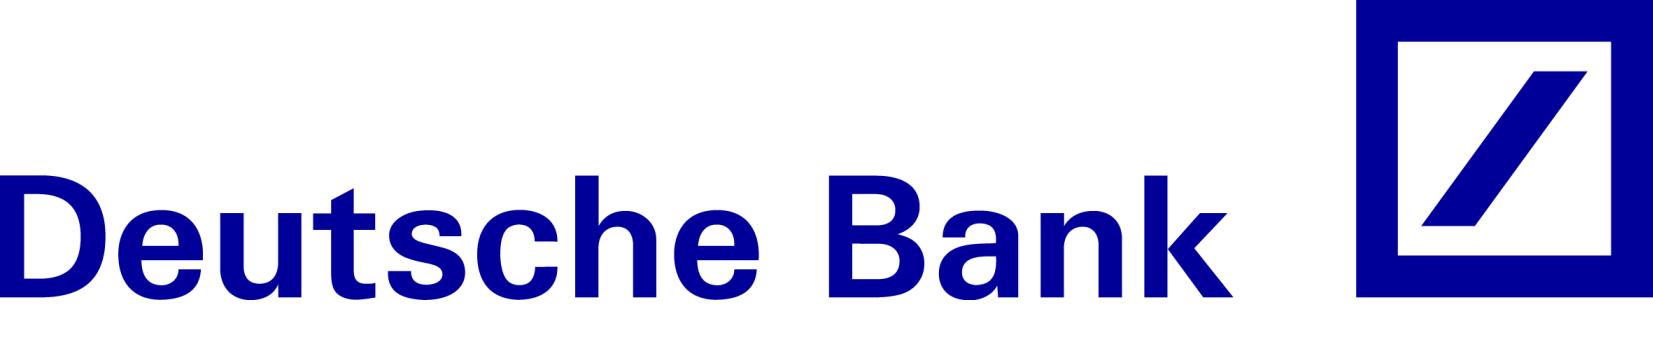 Deutsche bank retail forex trading